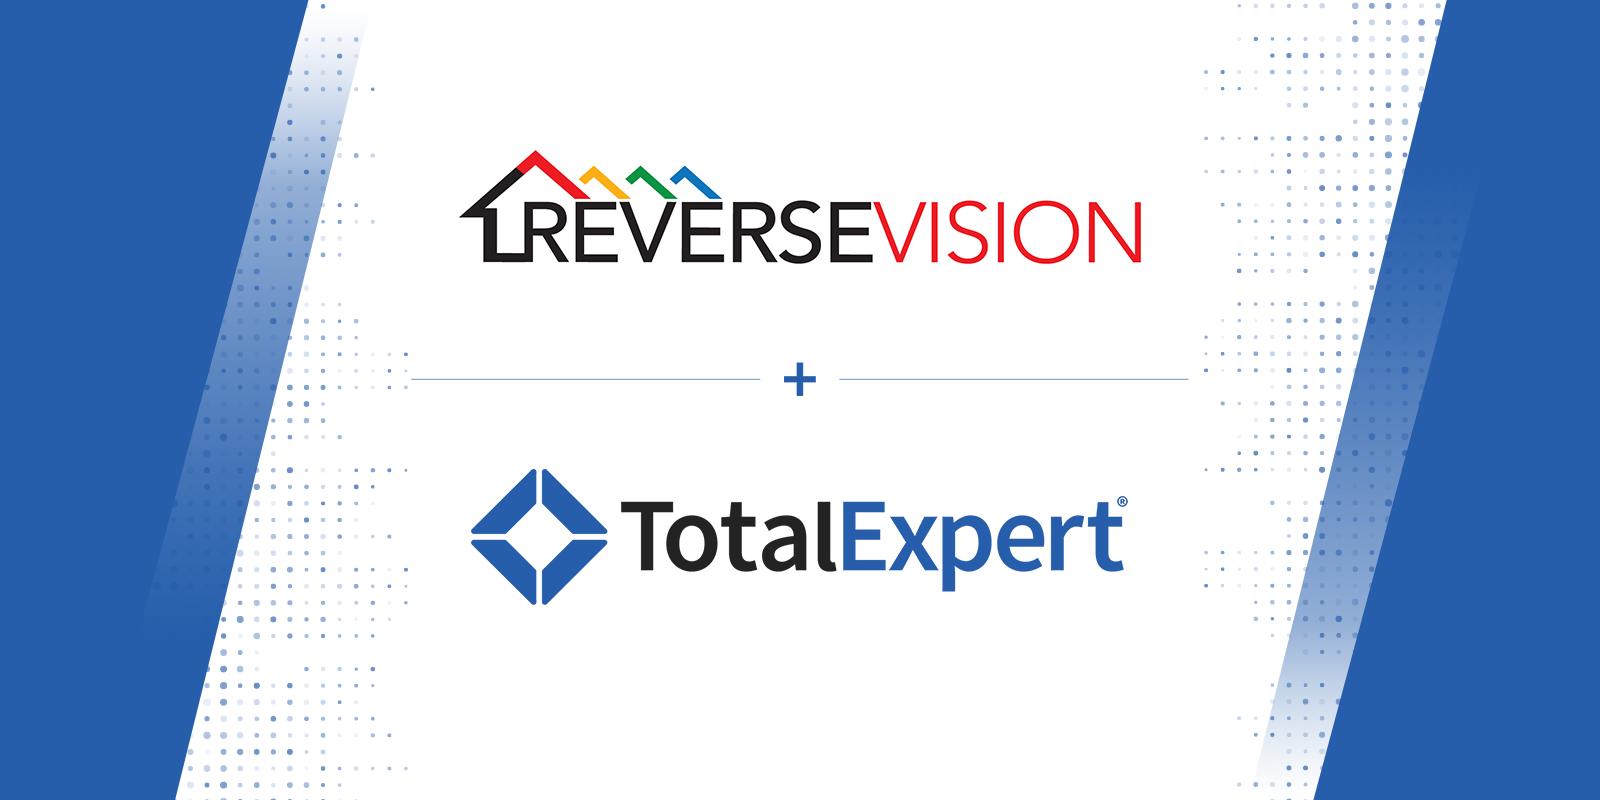 RevserveVision_Press-1